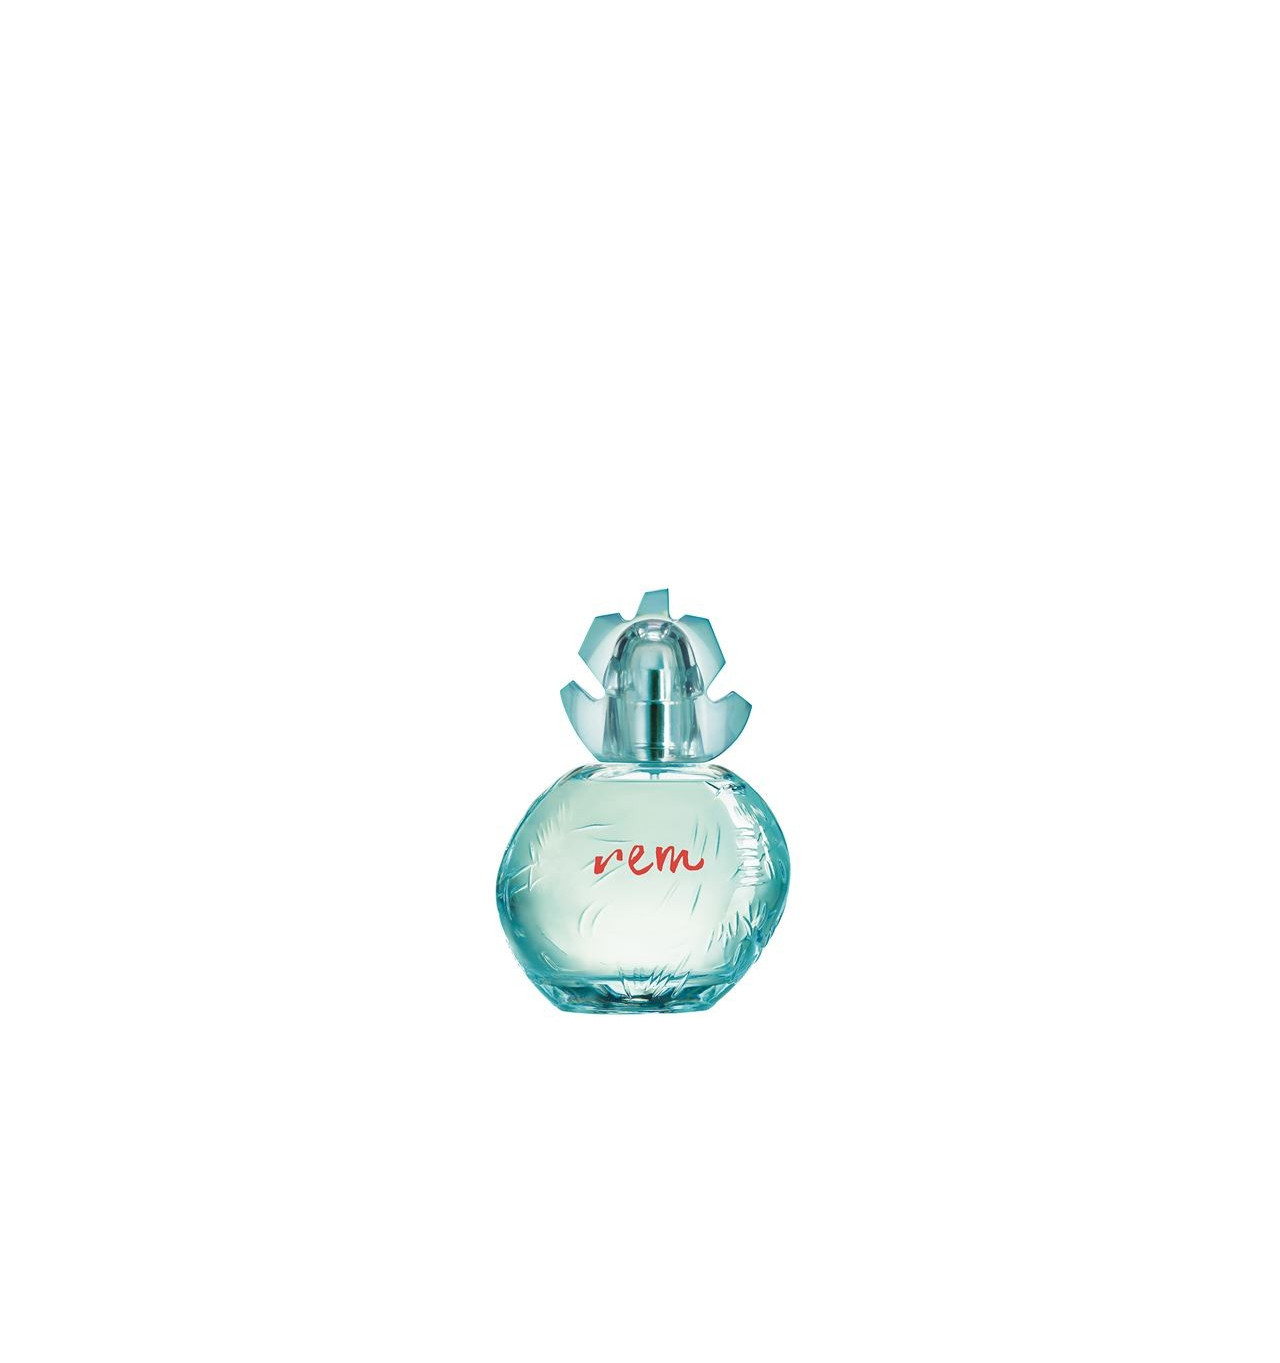 reminiscence parfums reminiscence eau de toilette rem rem100ml 78